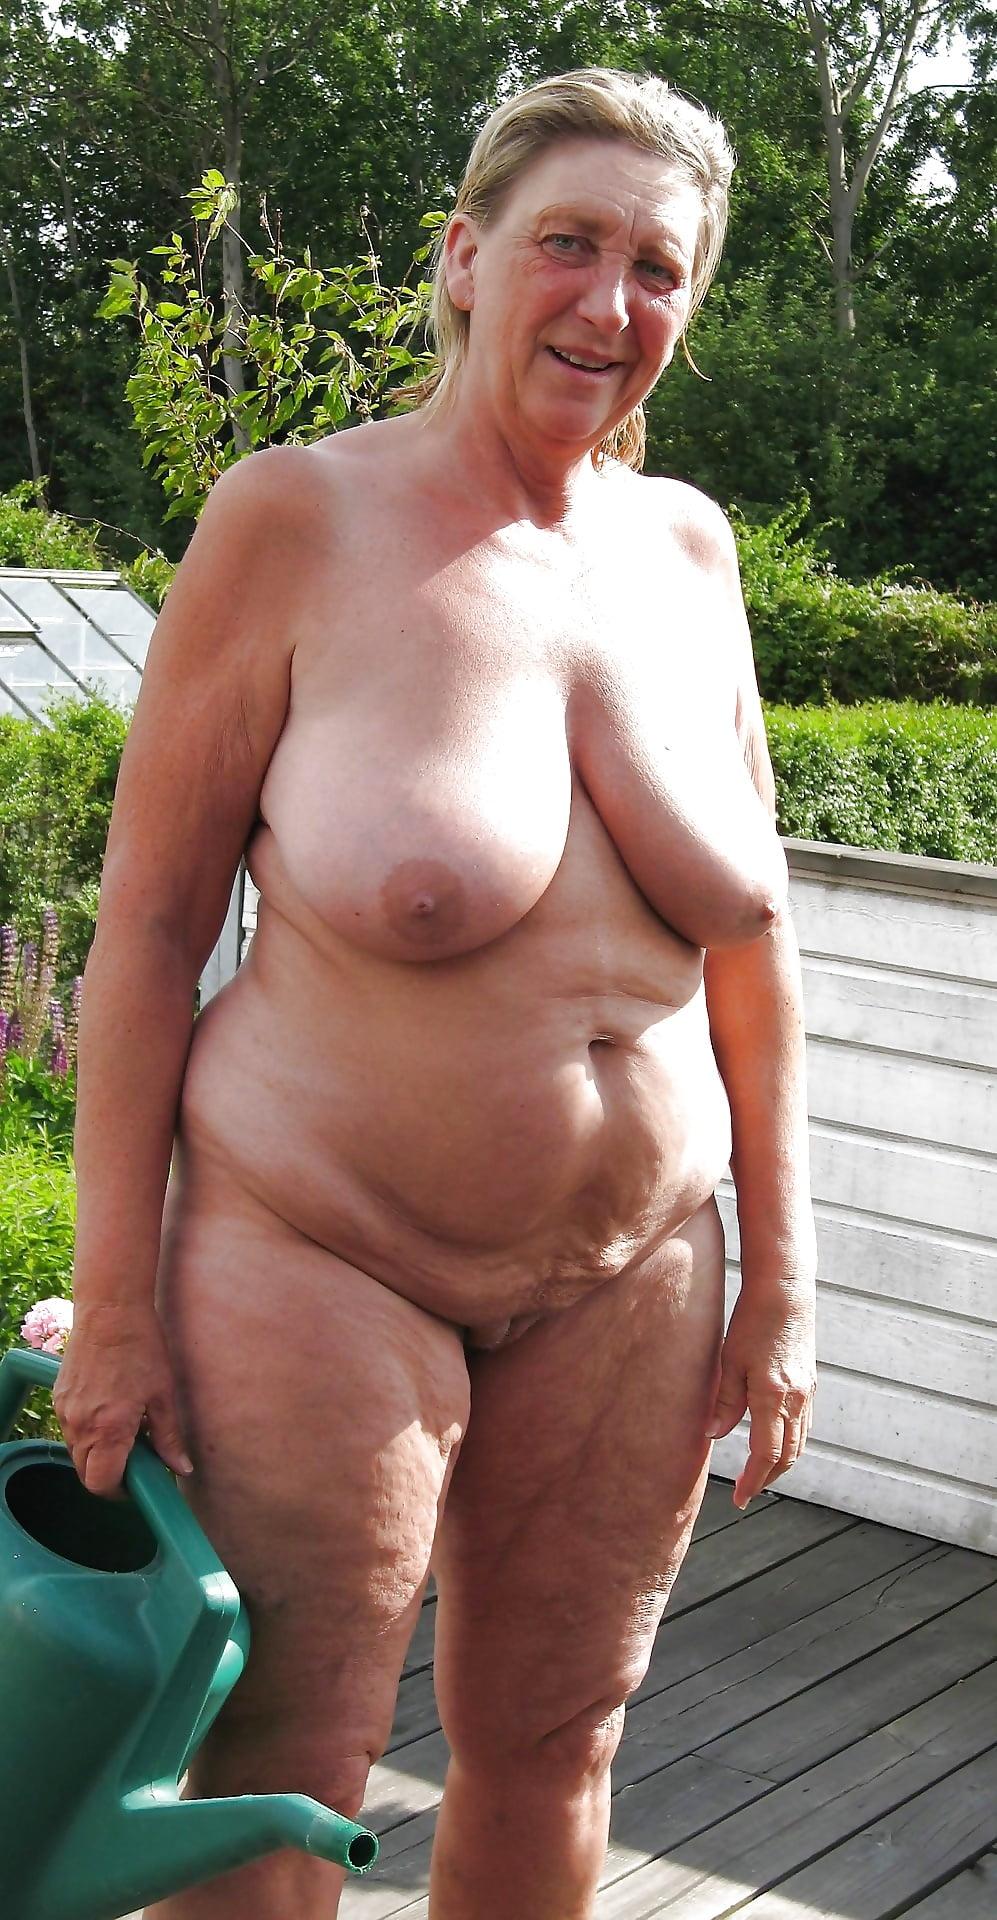 Фото пожилые голые женщины — pic 13